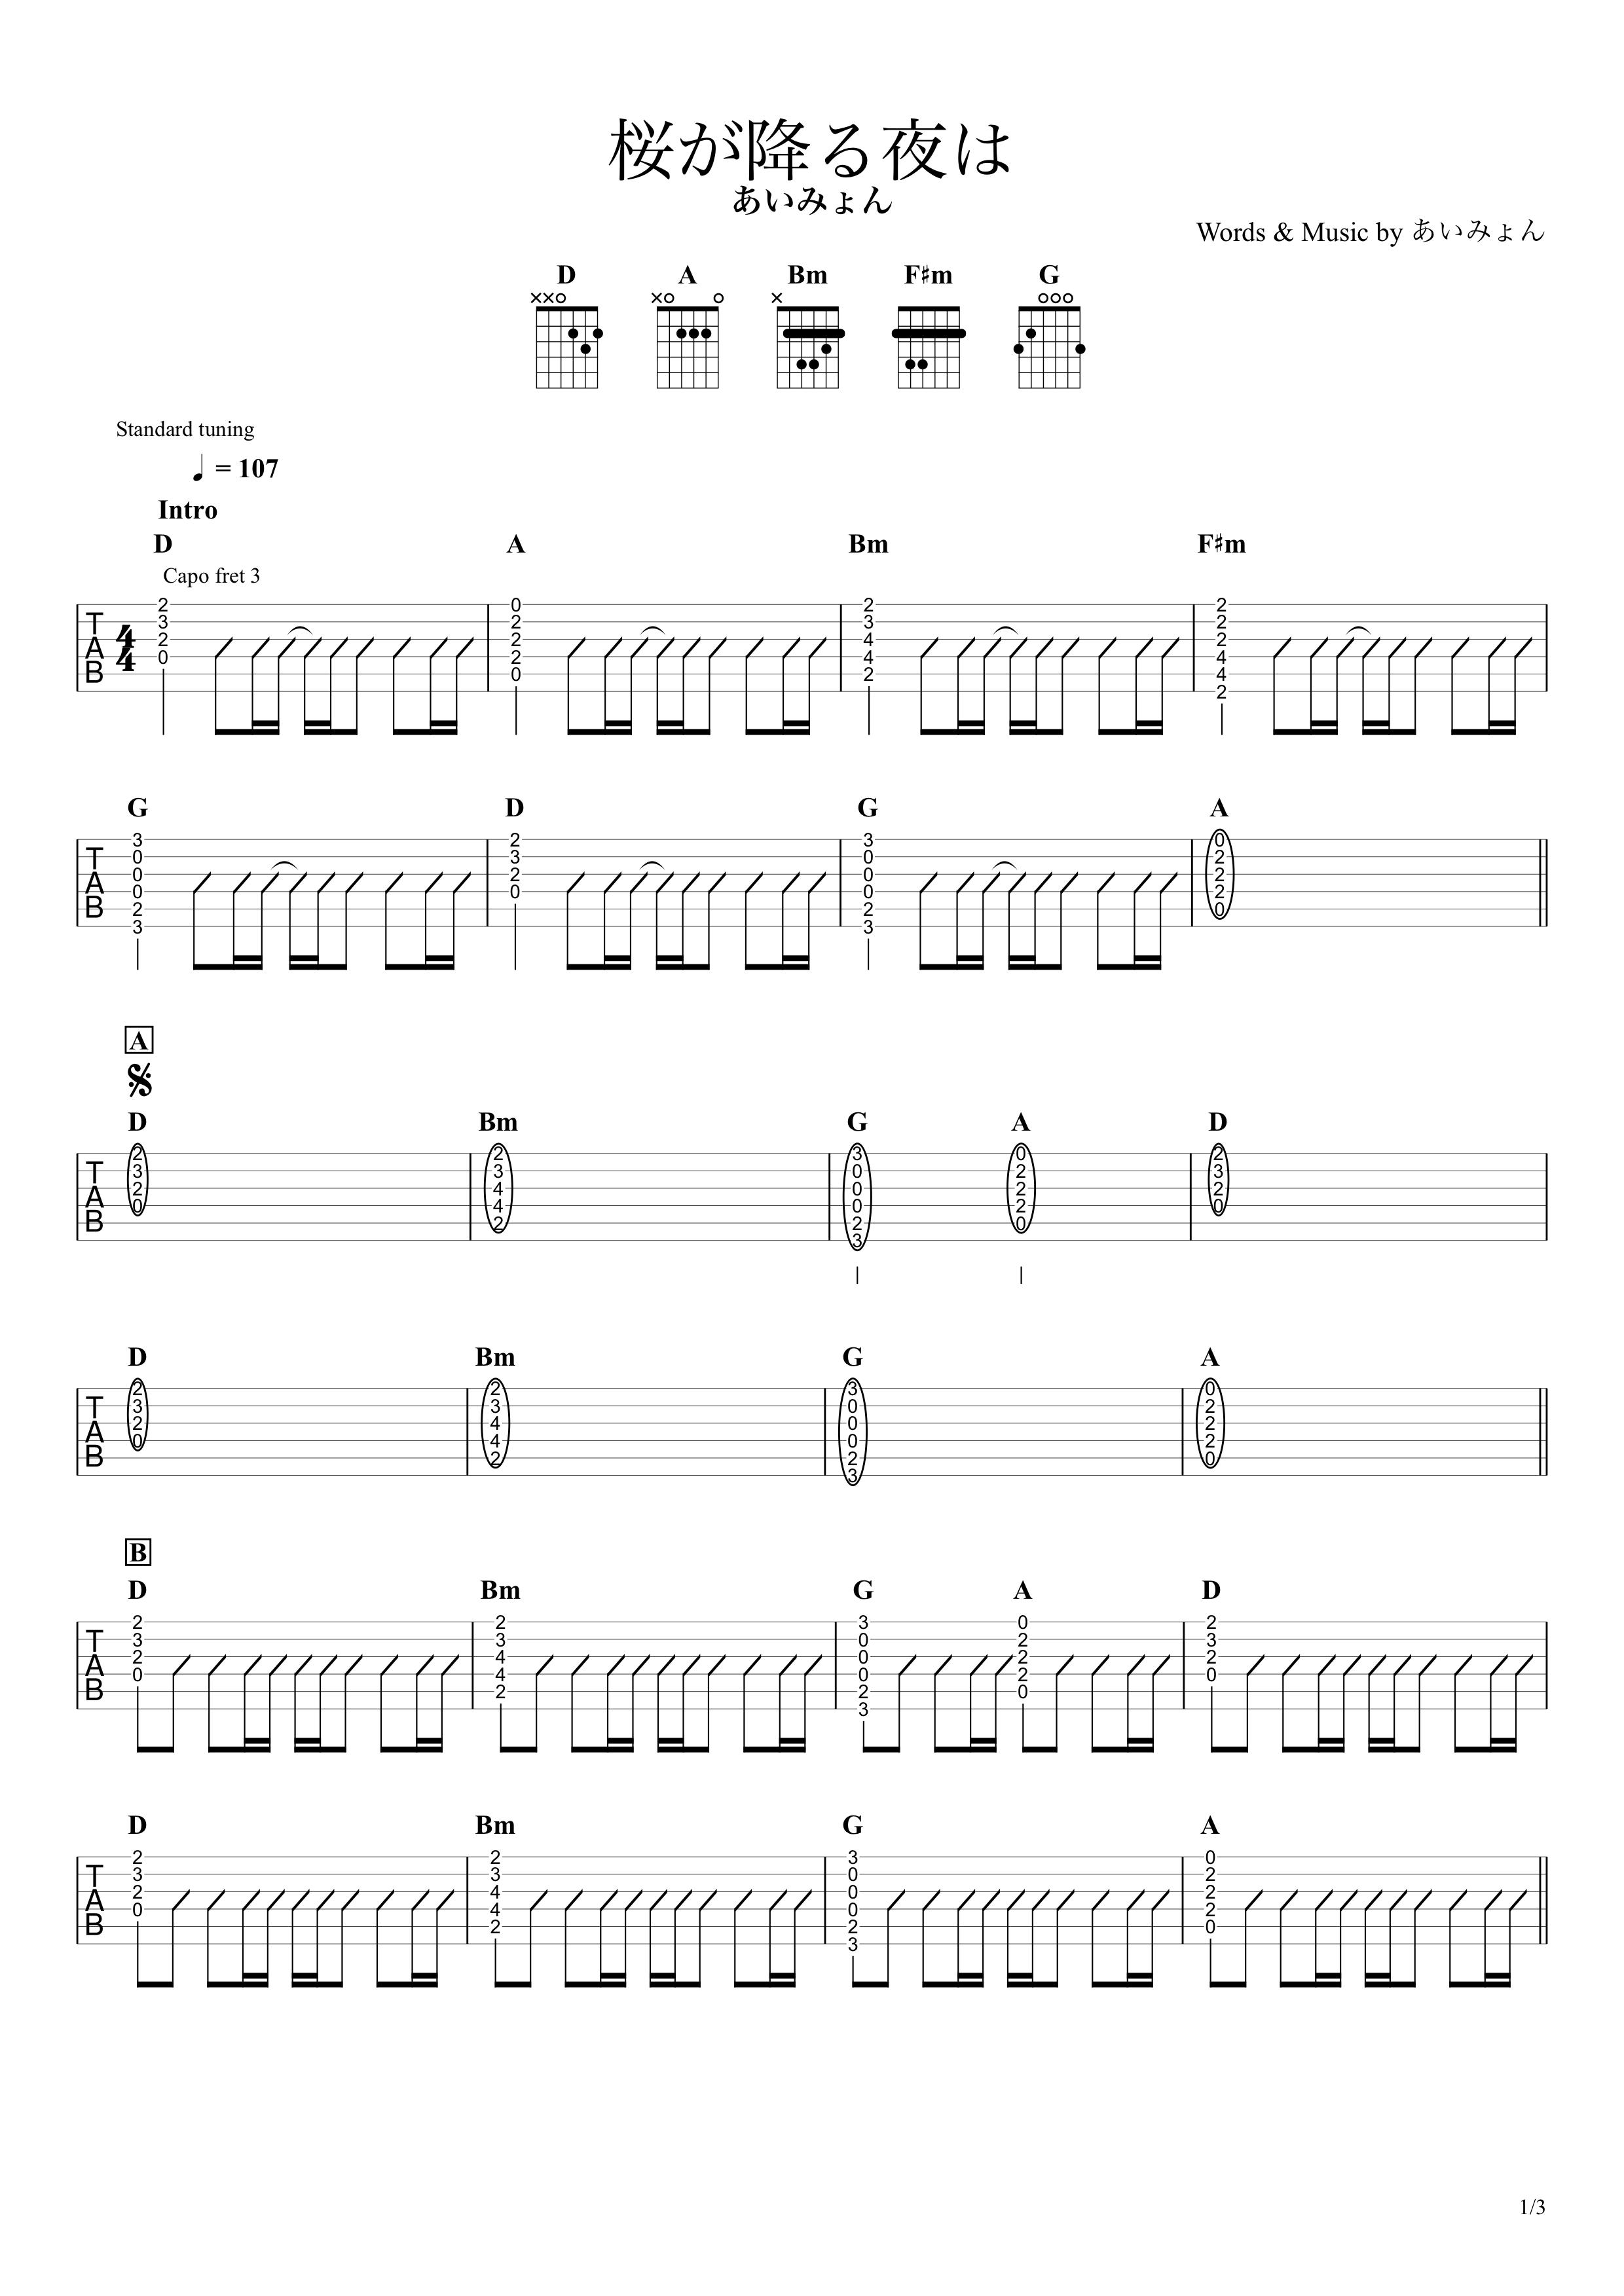 桜が降る夜は/あいみょん ギタータブ譜 アコギ向けコードストロークで弾くVer.01